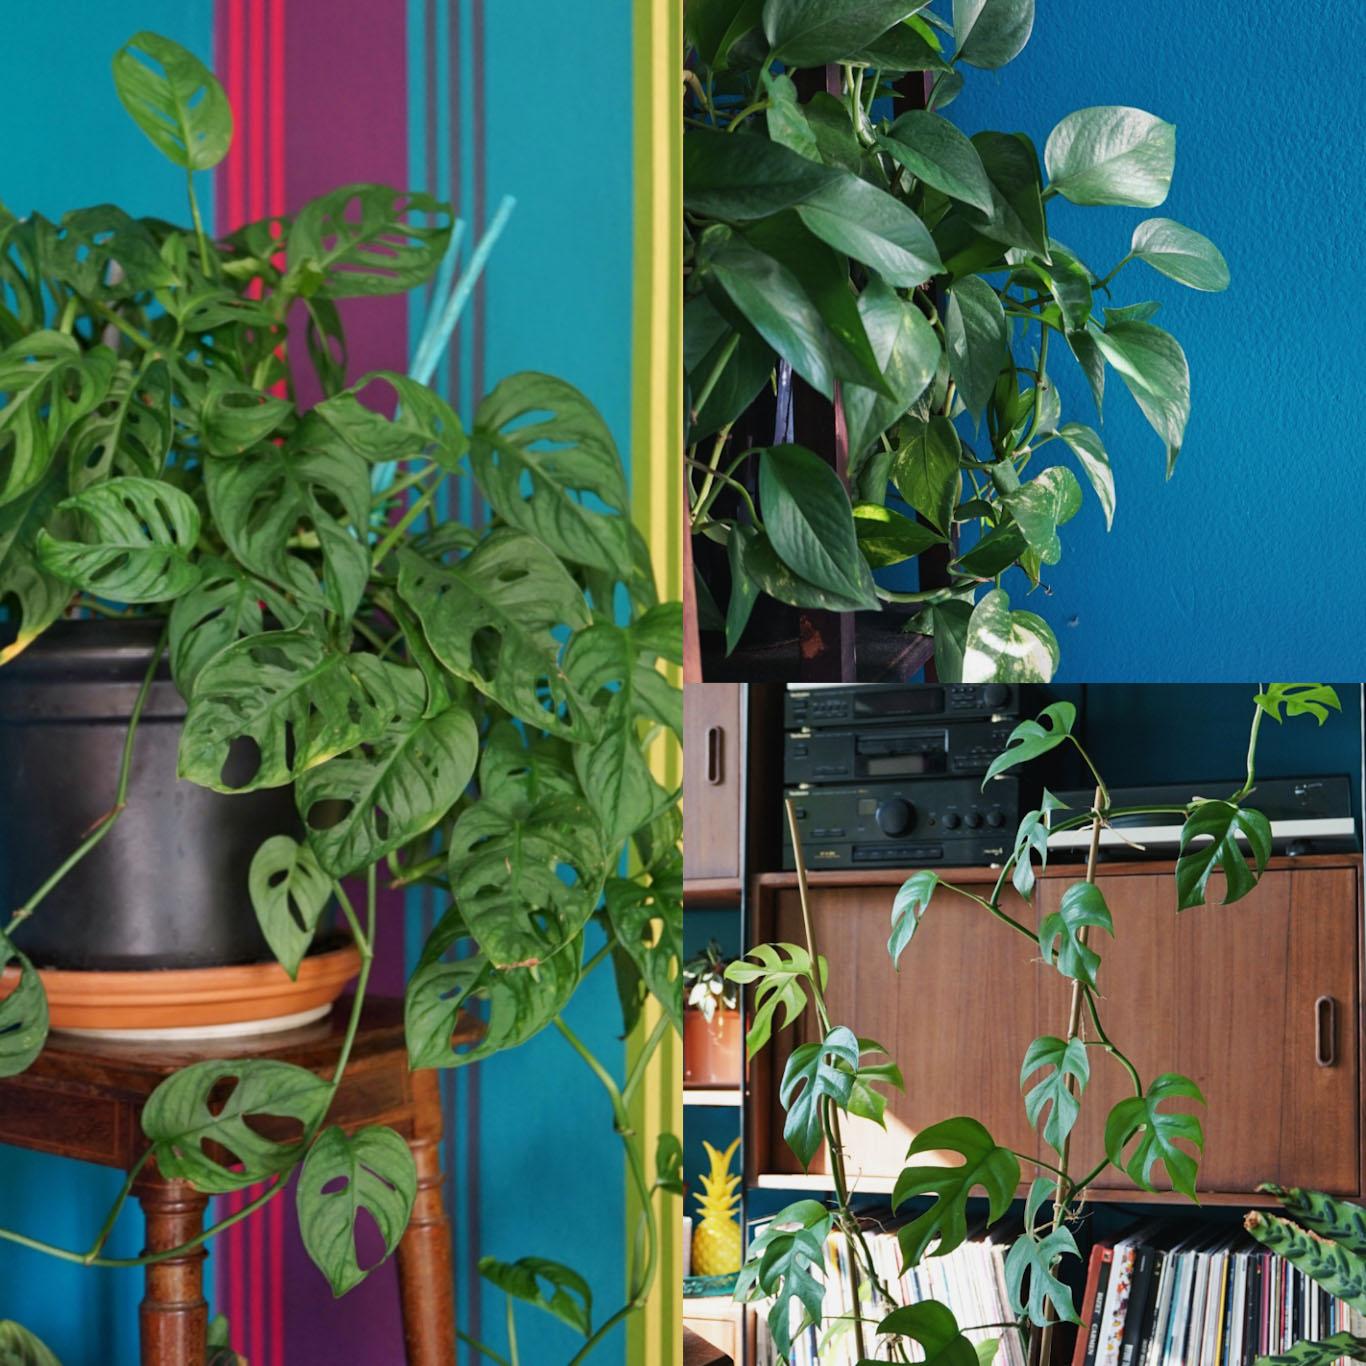 calva plant swap - la loggia di calvairate - talee facili da fare a casa